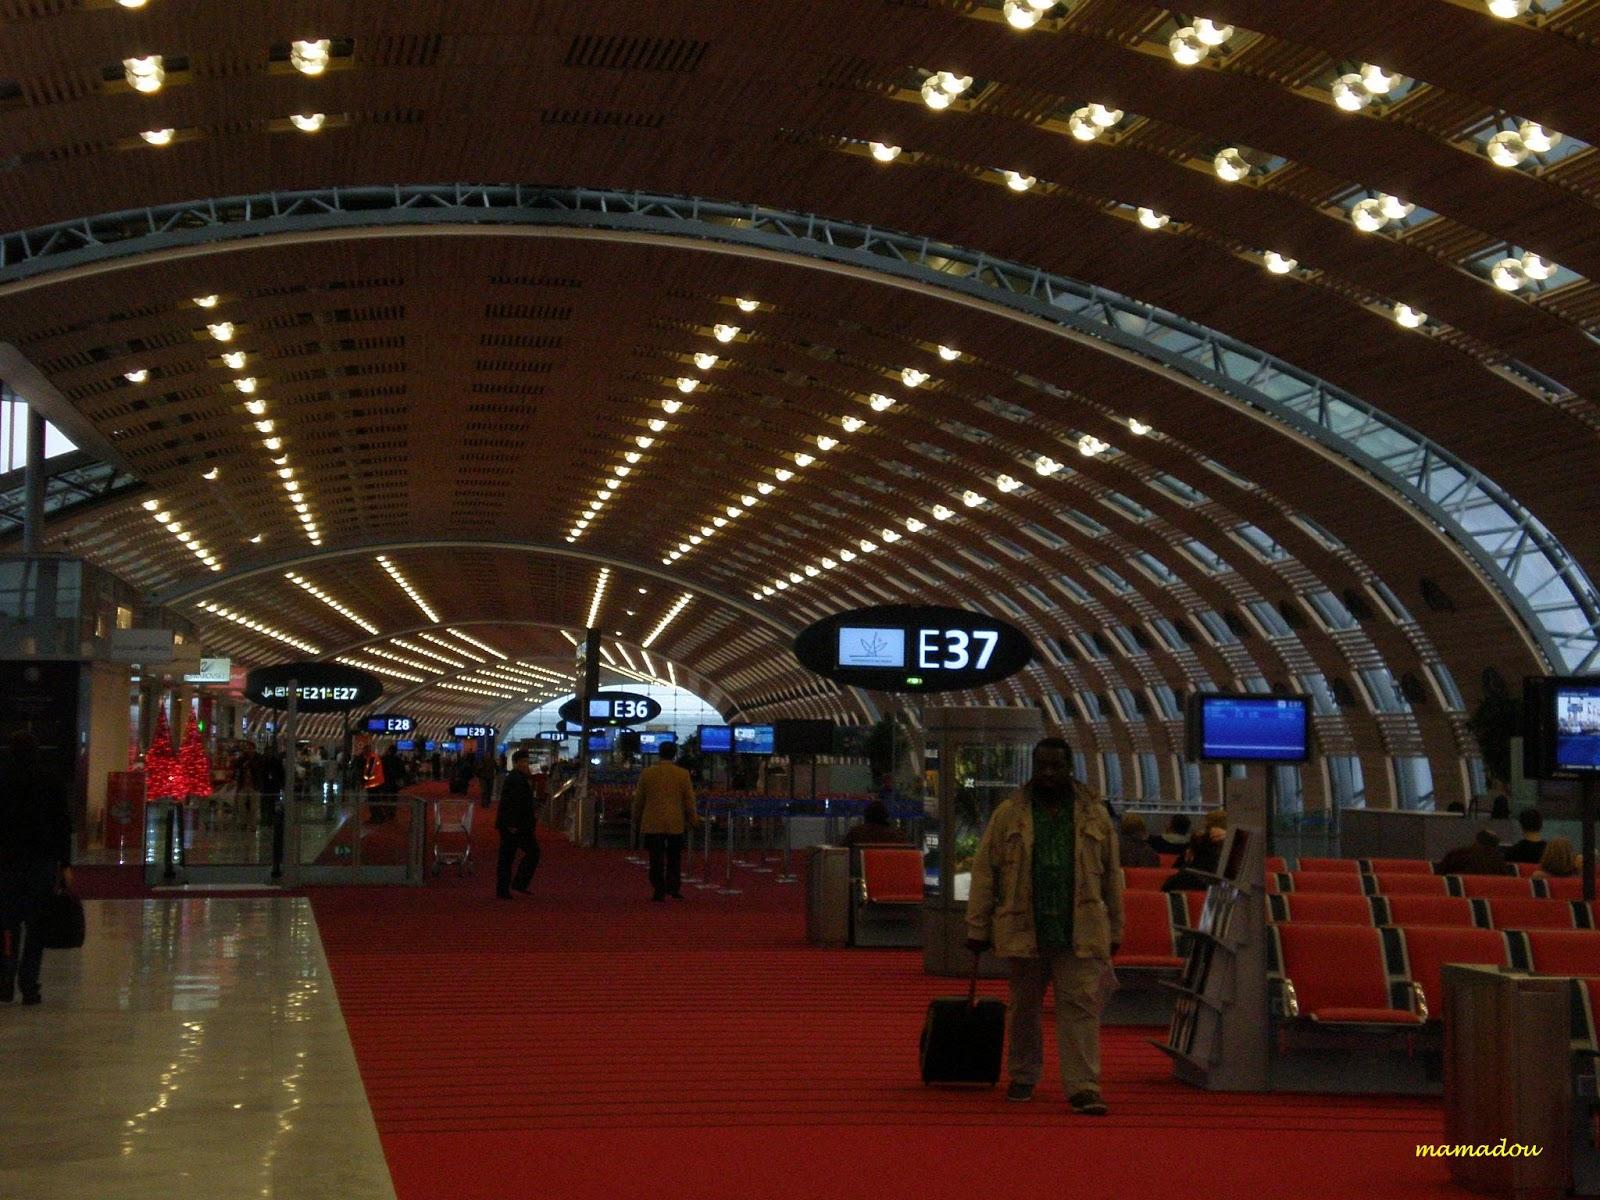 http://1.bp.blogspot.com/-fLPwm94_zpE/TgGoPmDl2WI/AAAAAAAAAlE/f8rId7crENw/s1600/charles-de-gaulle-airport-terminal-2e.jpg